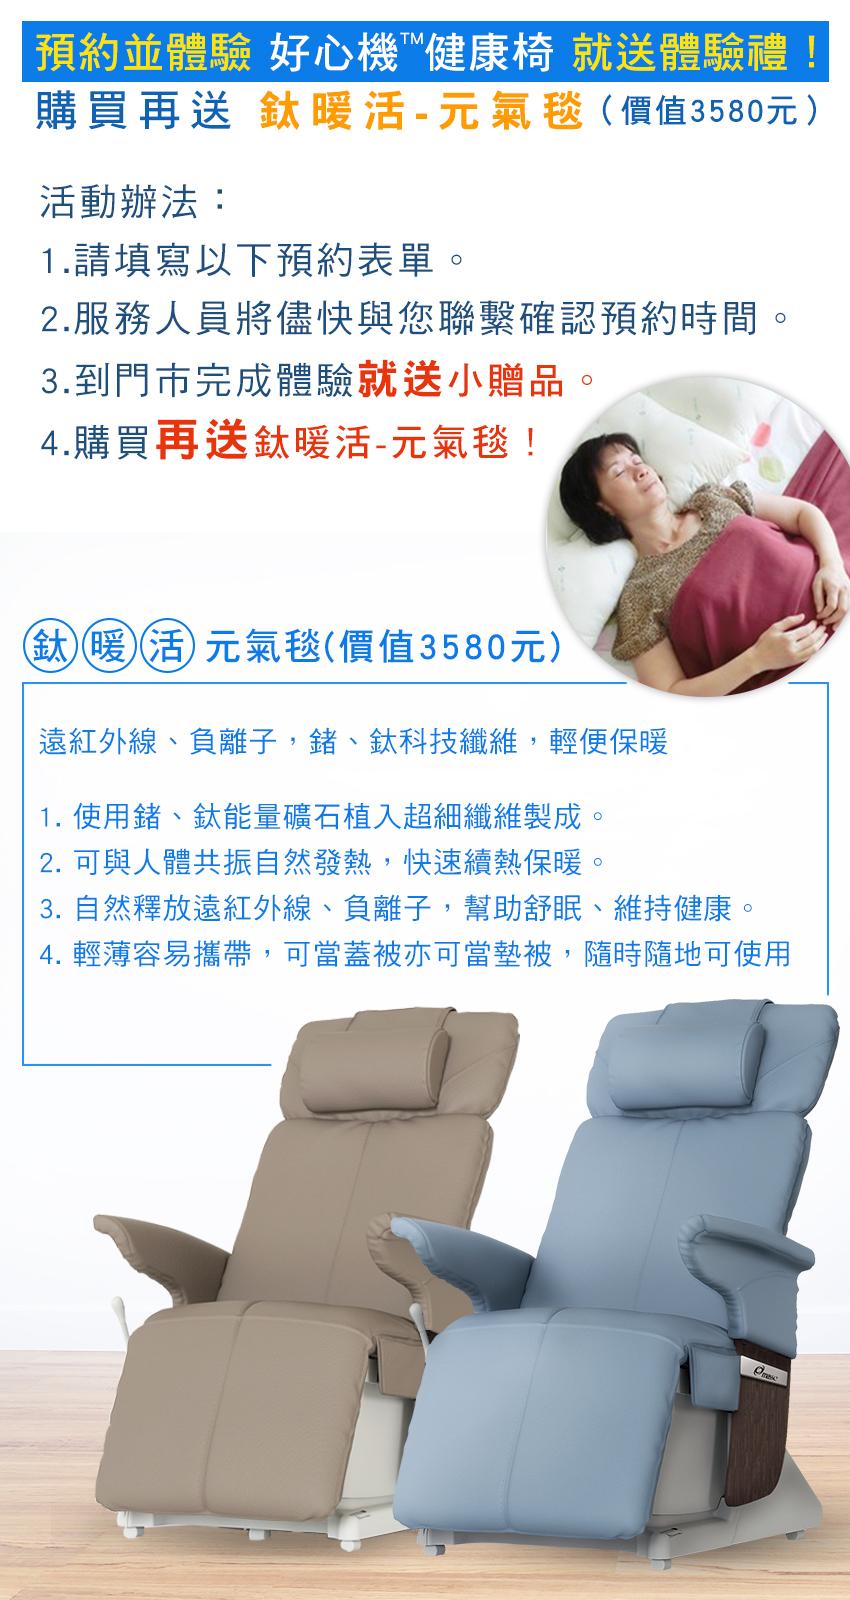 預約體驗好心機健康椅就送好禮,購買再送鈦暖活元氣毯